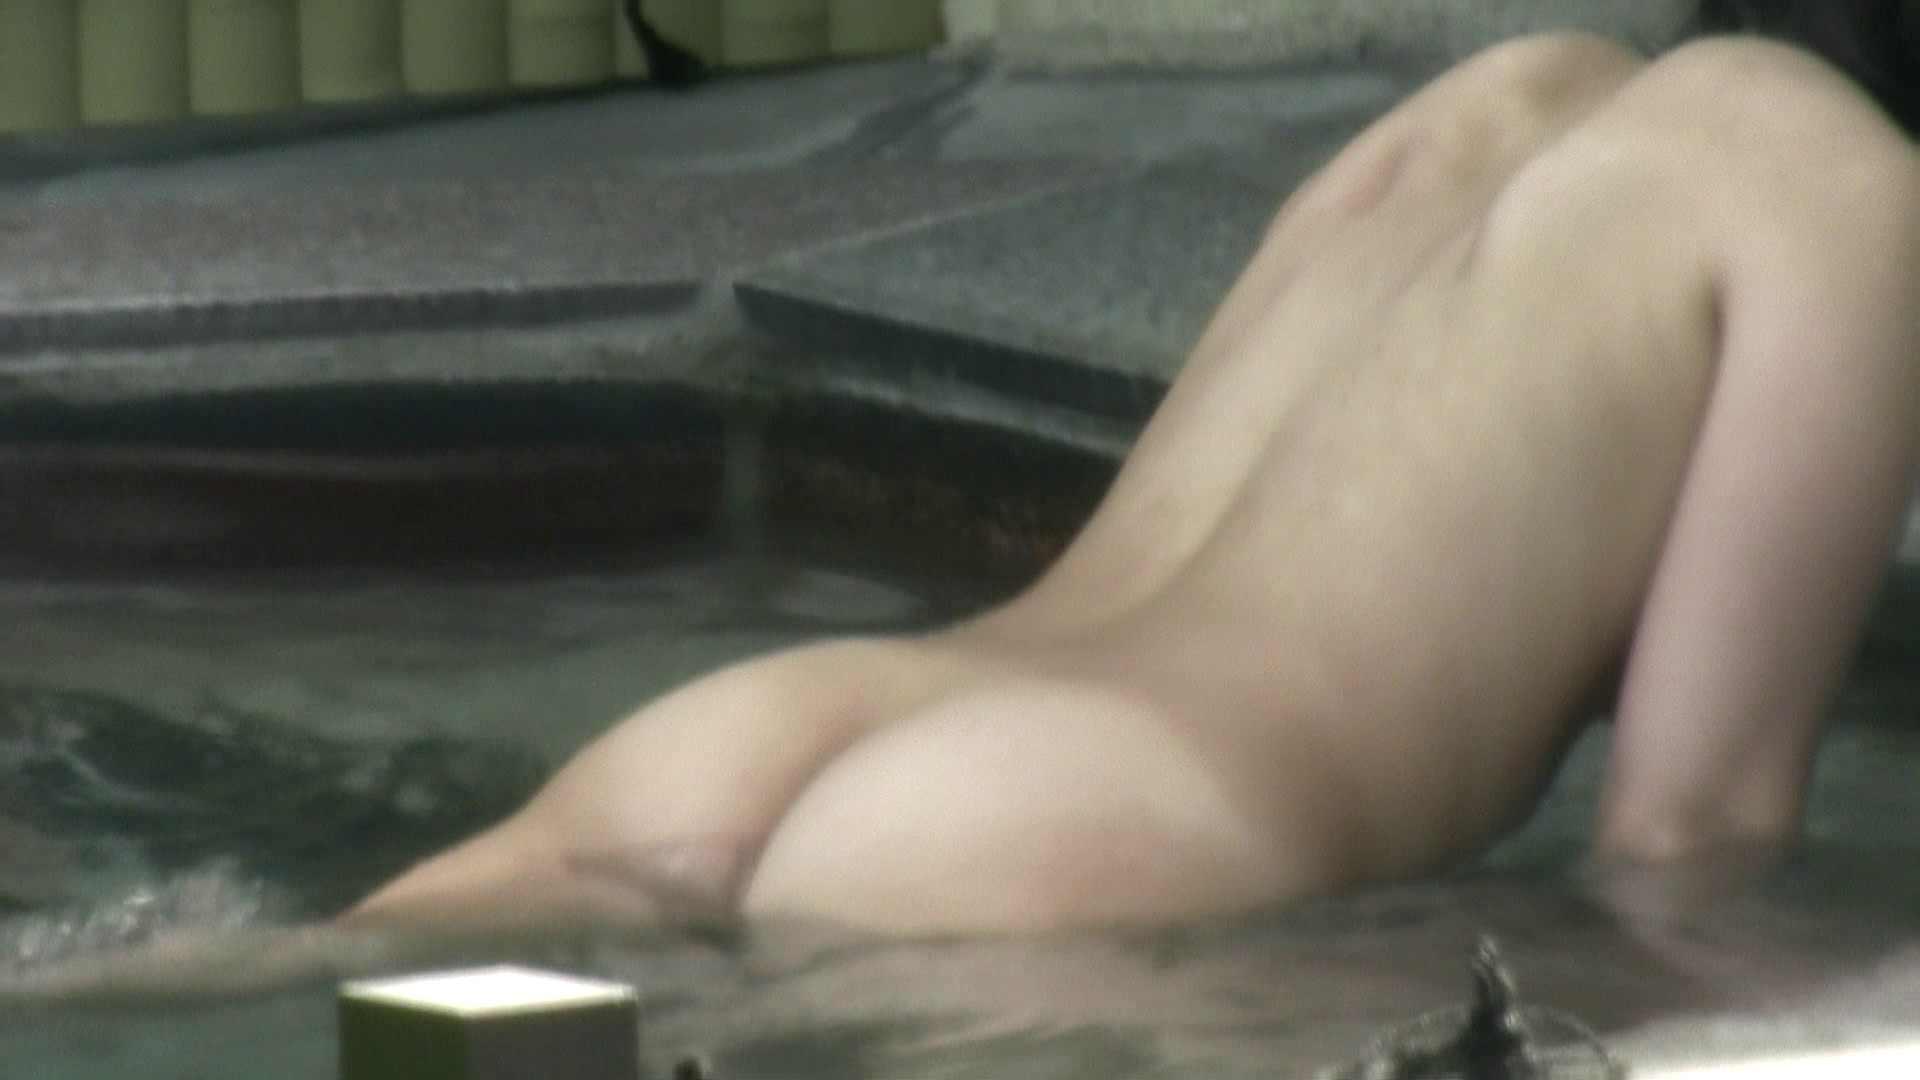 Aquaな露天風呂Vol.664 OLのエロ生活  49連発 12